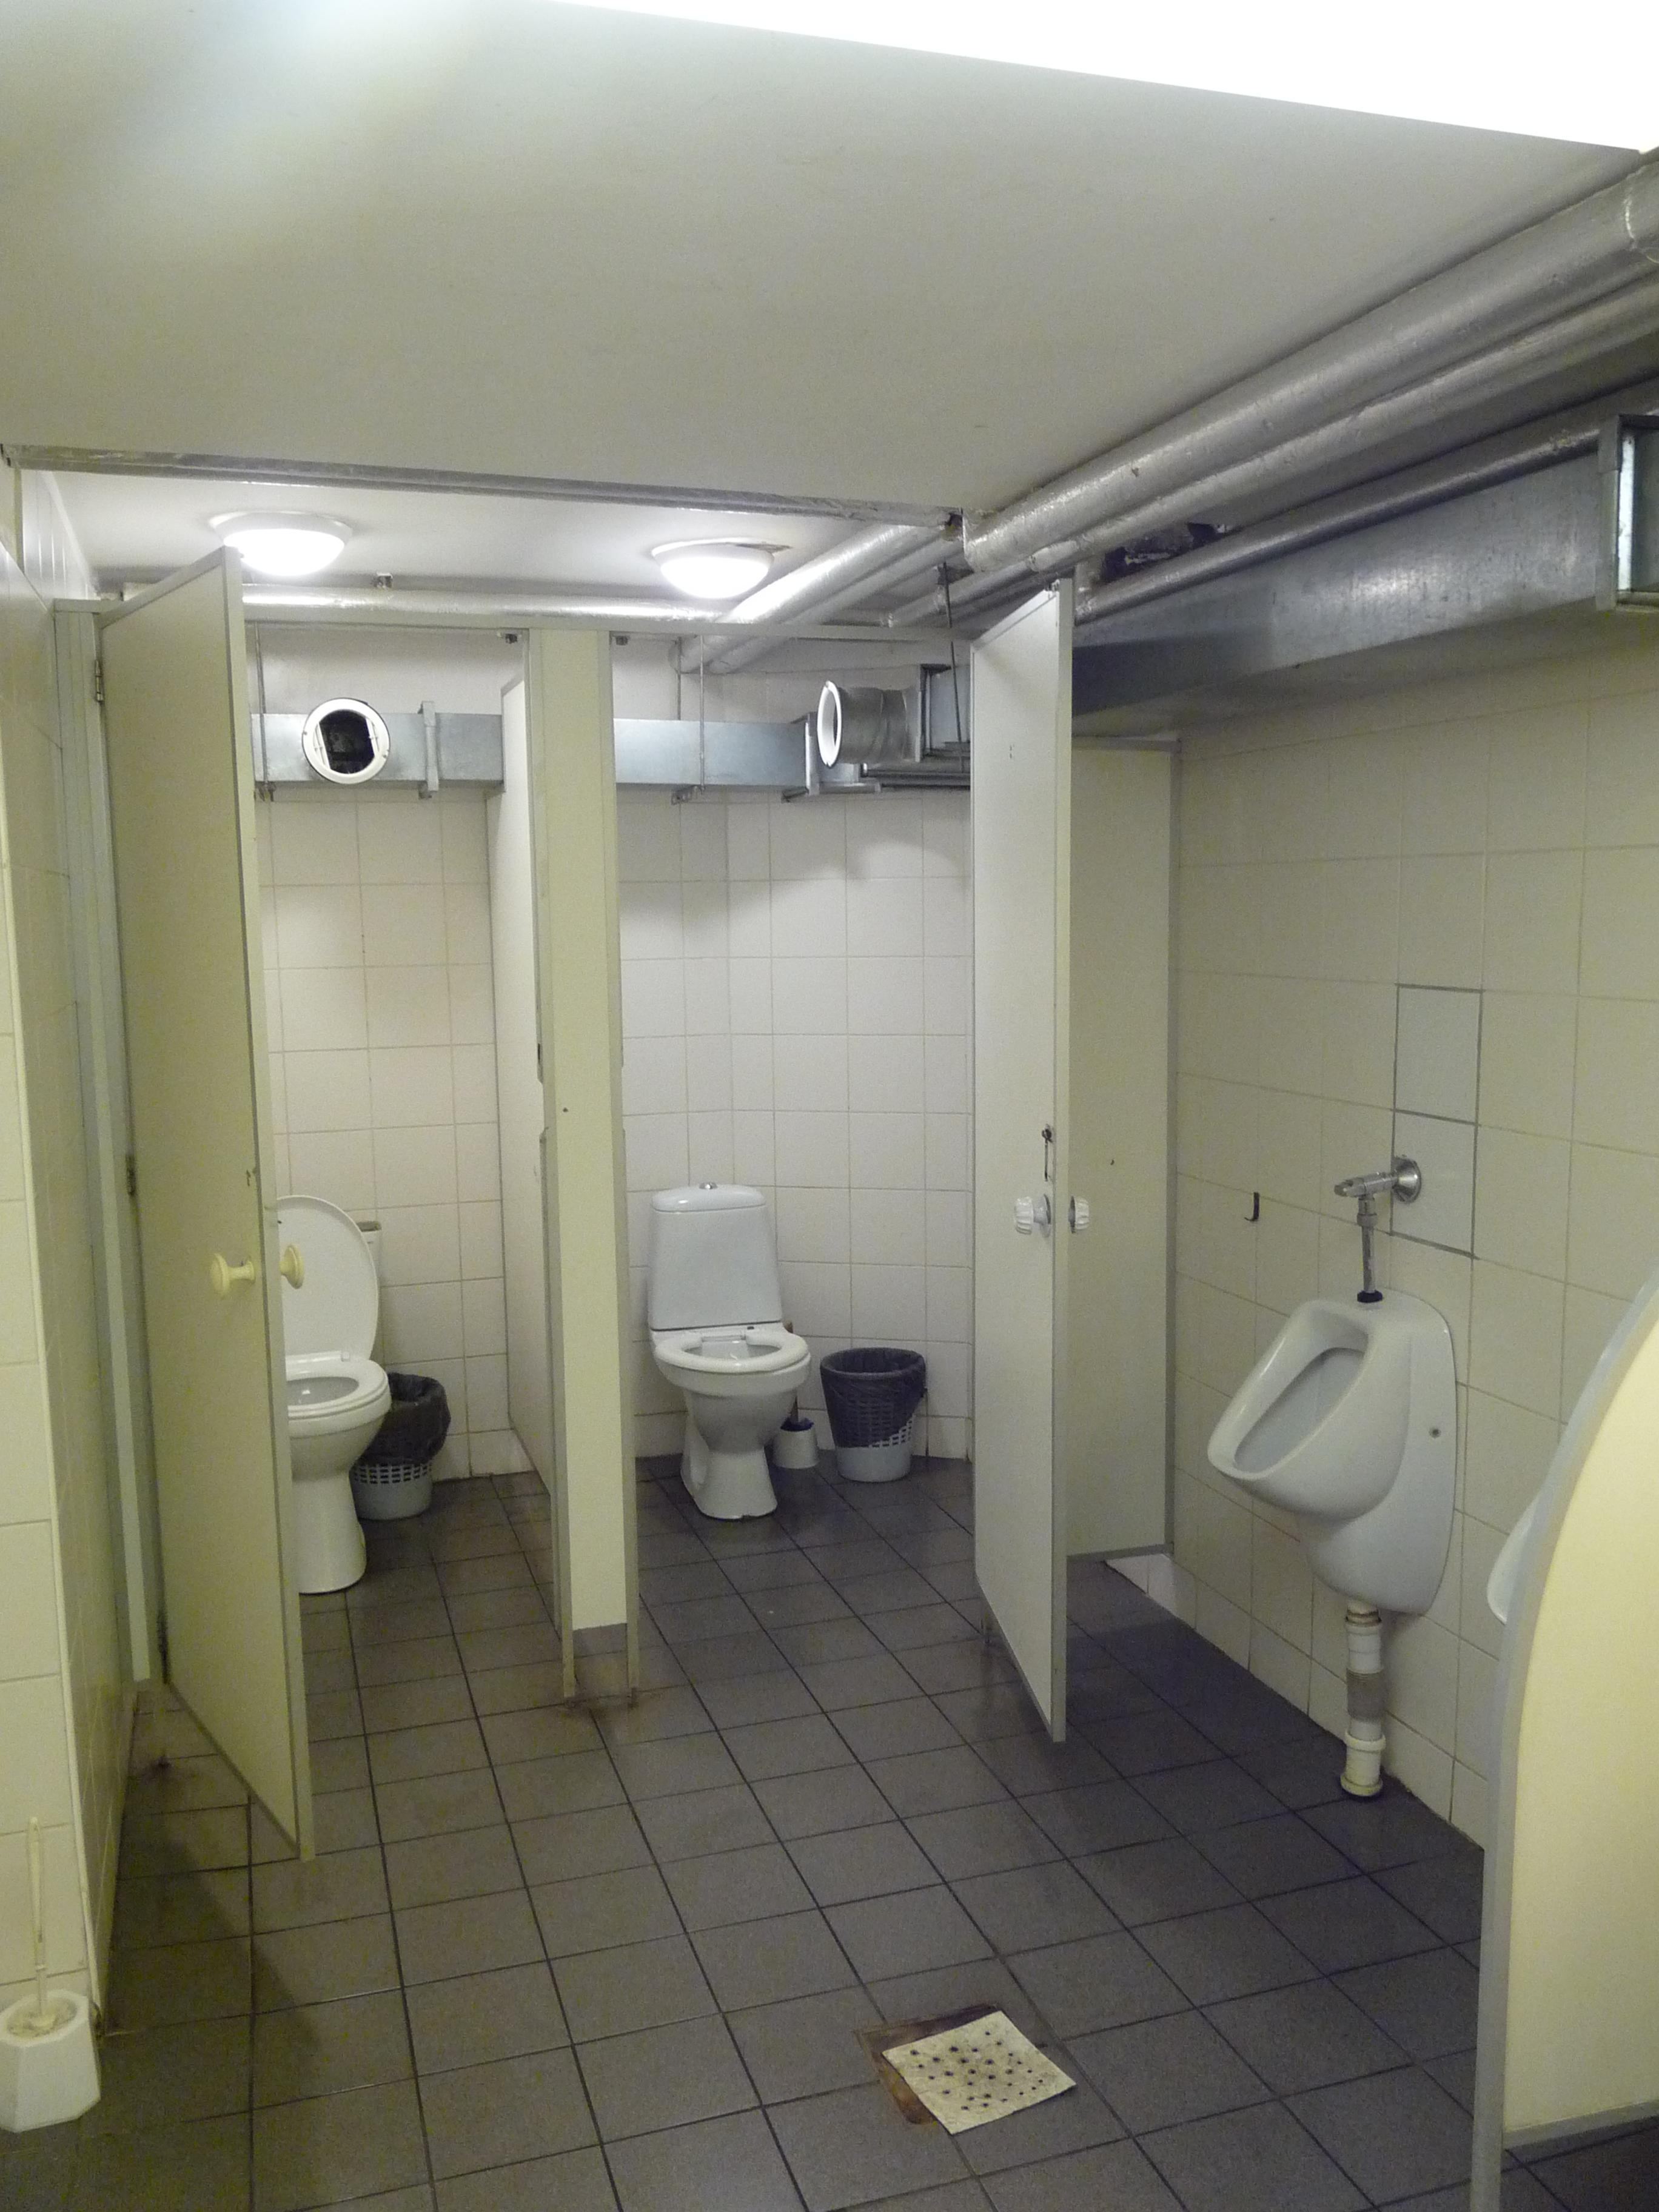 New Toilet Design Squat